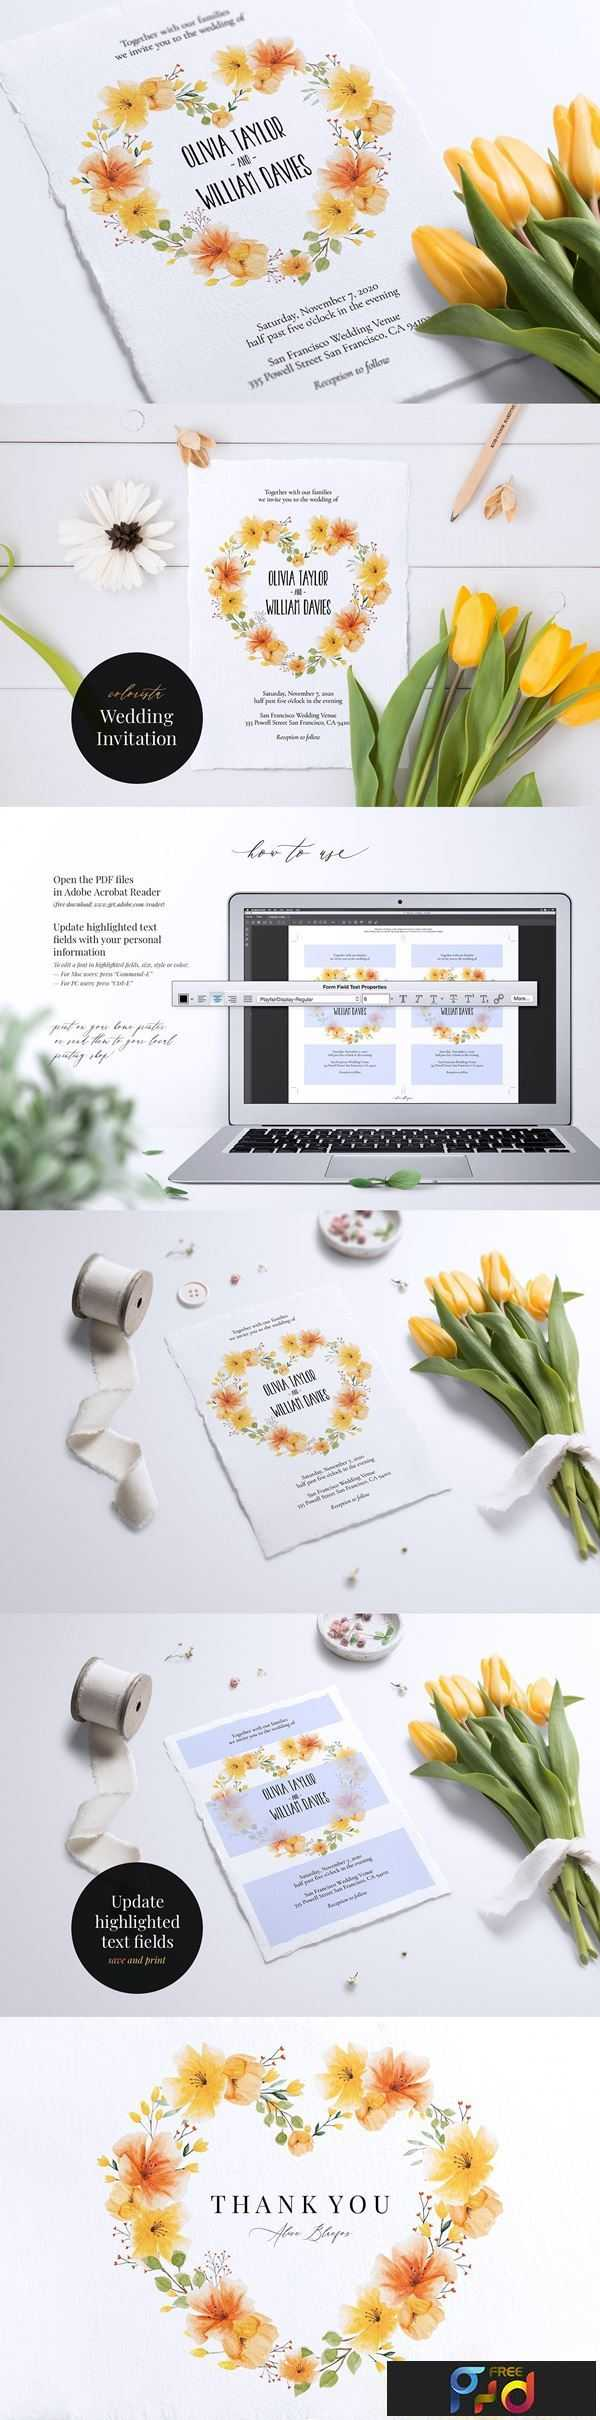 1806243 Wedding Invitation, Colorista 2428291 1